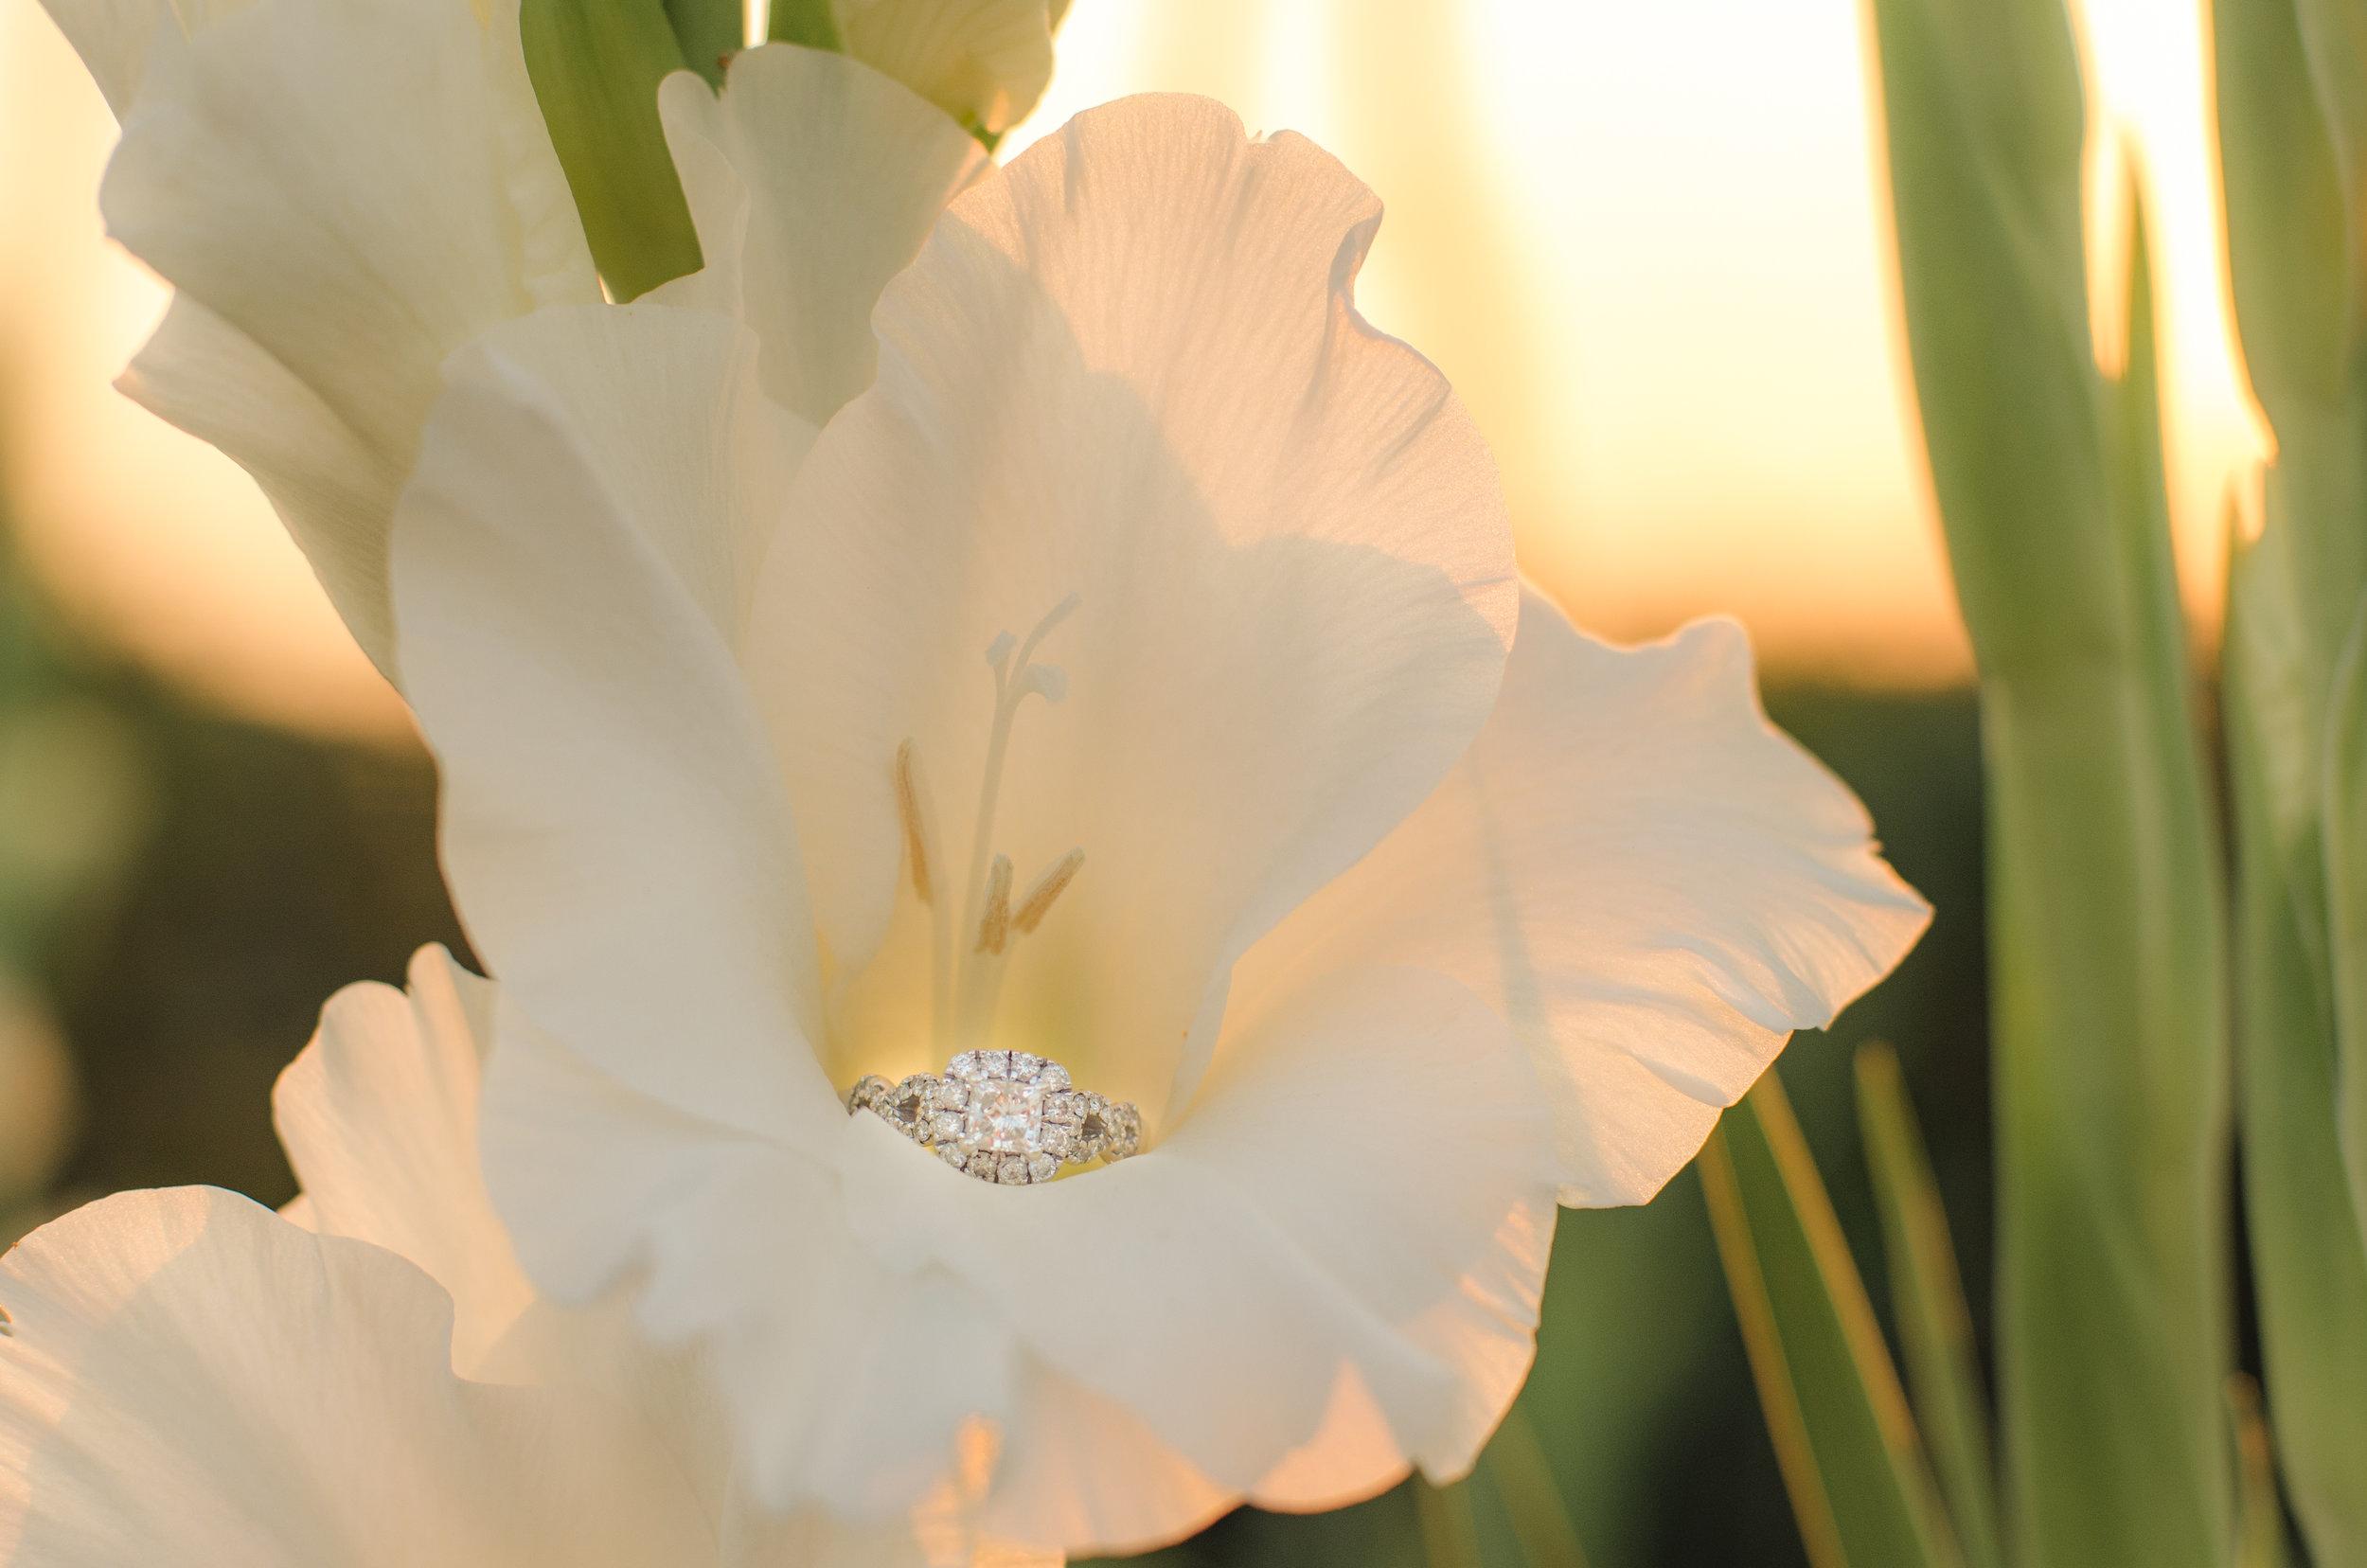 White flower holding engagement ring at sunset